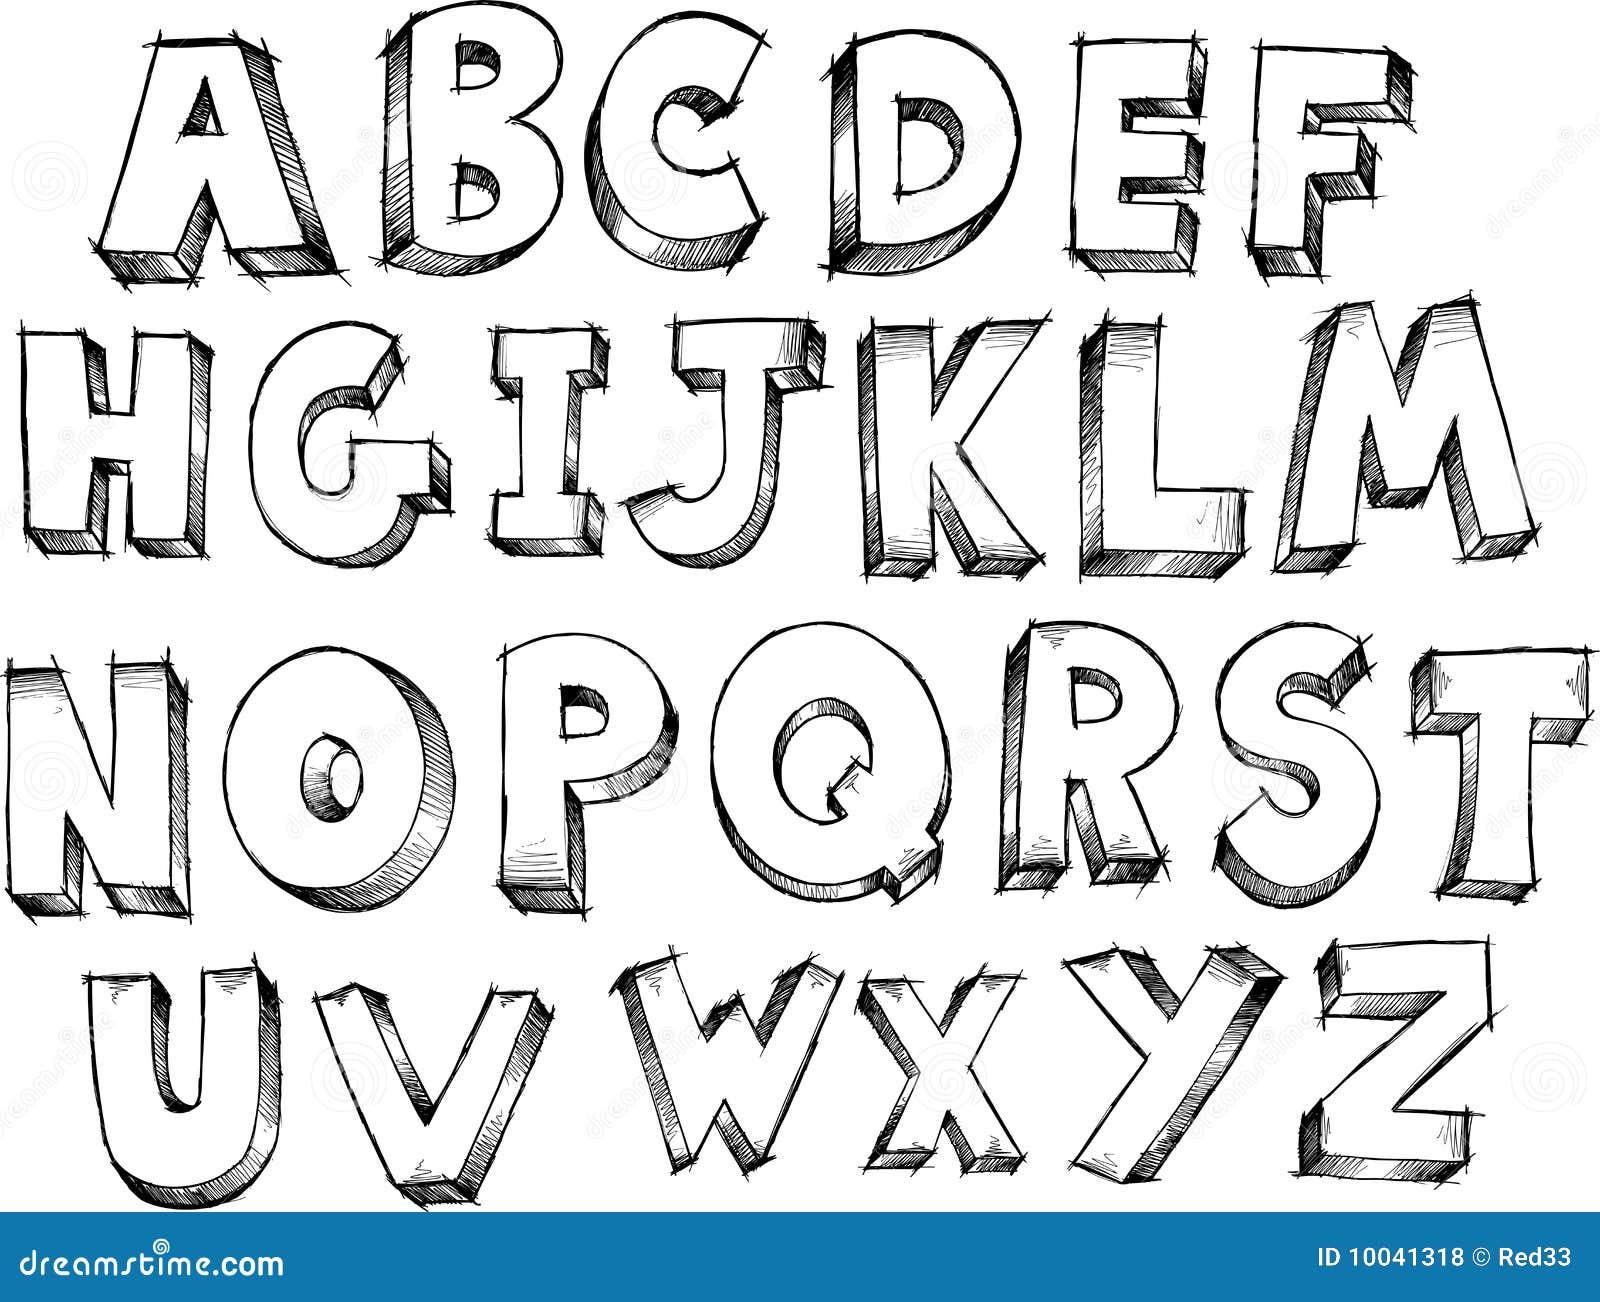 Graffiti Alfabet Kleurplaten.New York In Graffiti Letters Kleurplaten Free Coloring Pages Of